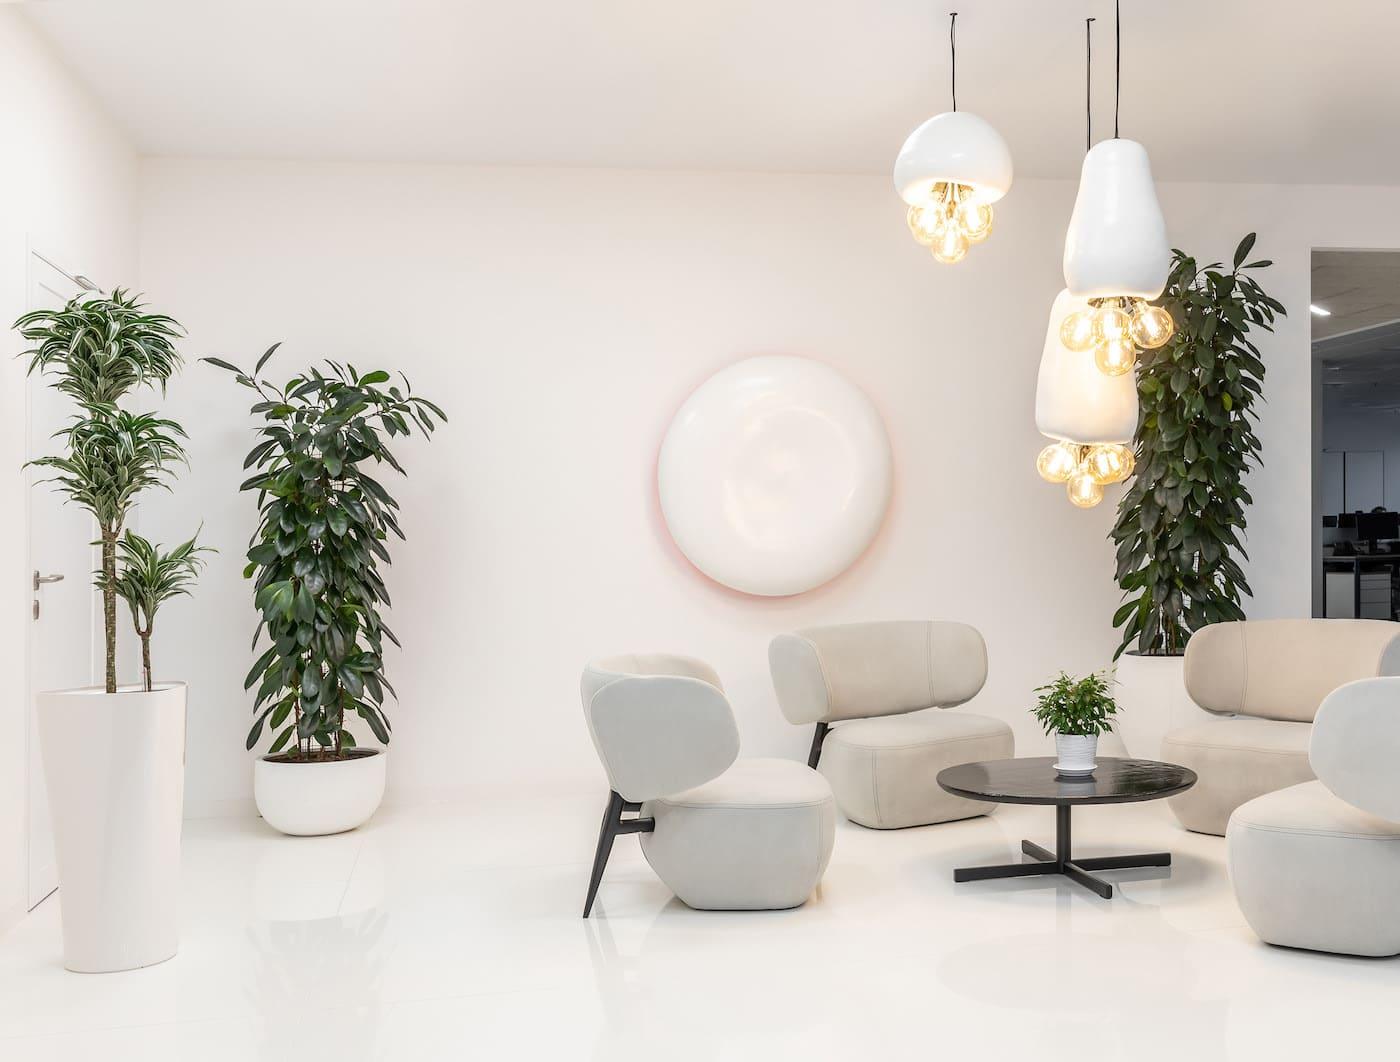 дизайн интерьера гостиной фото 5